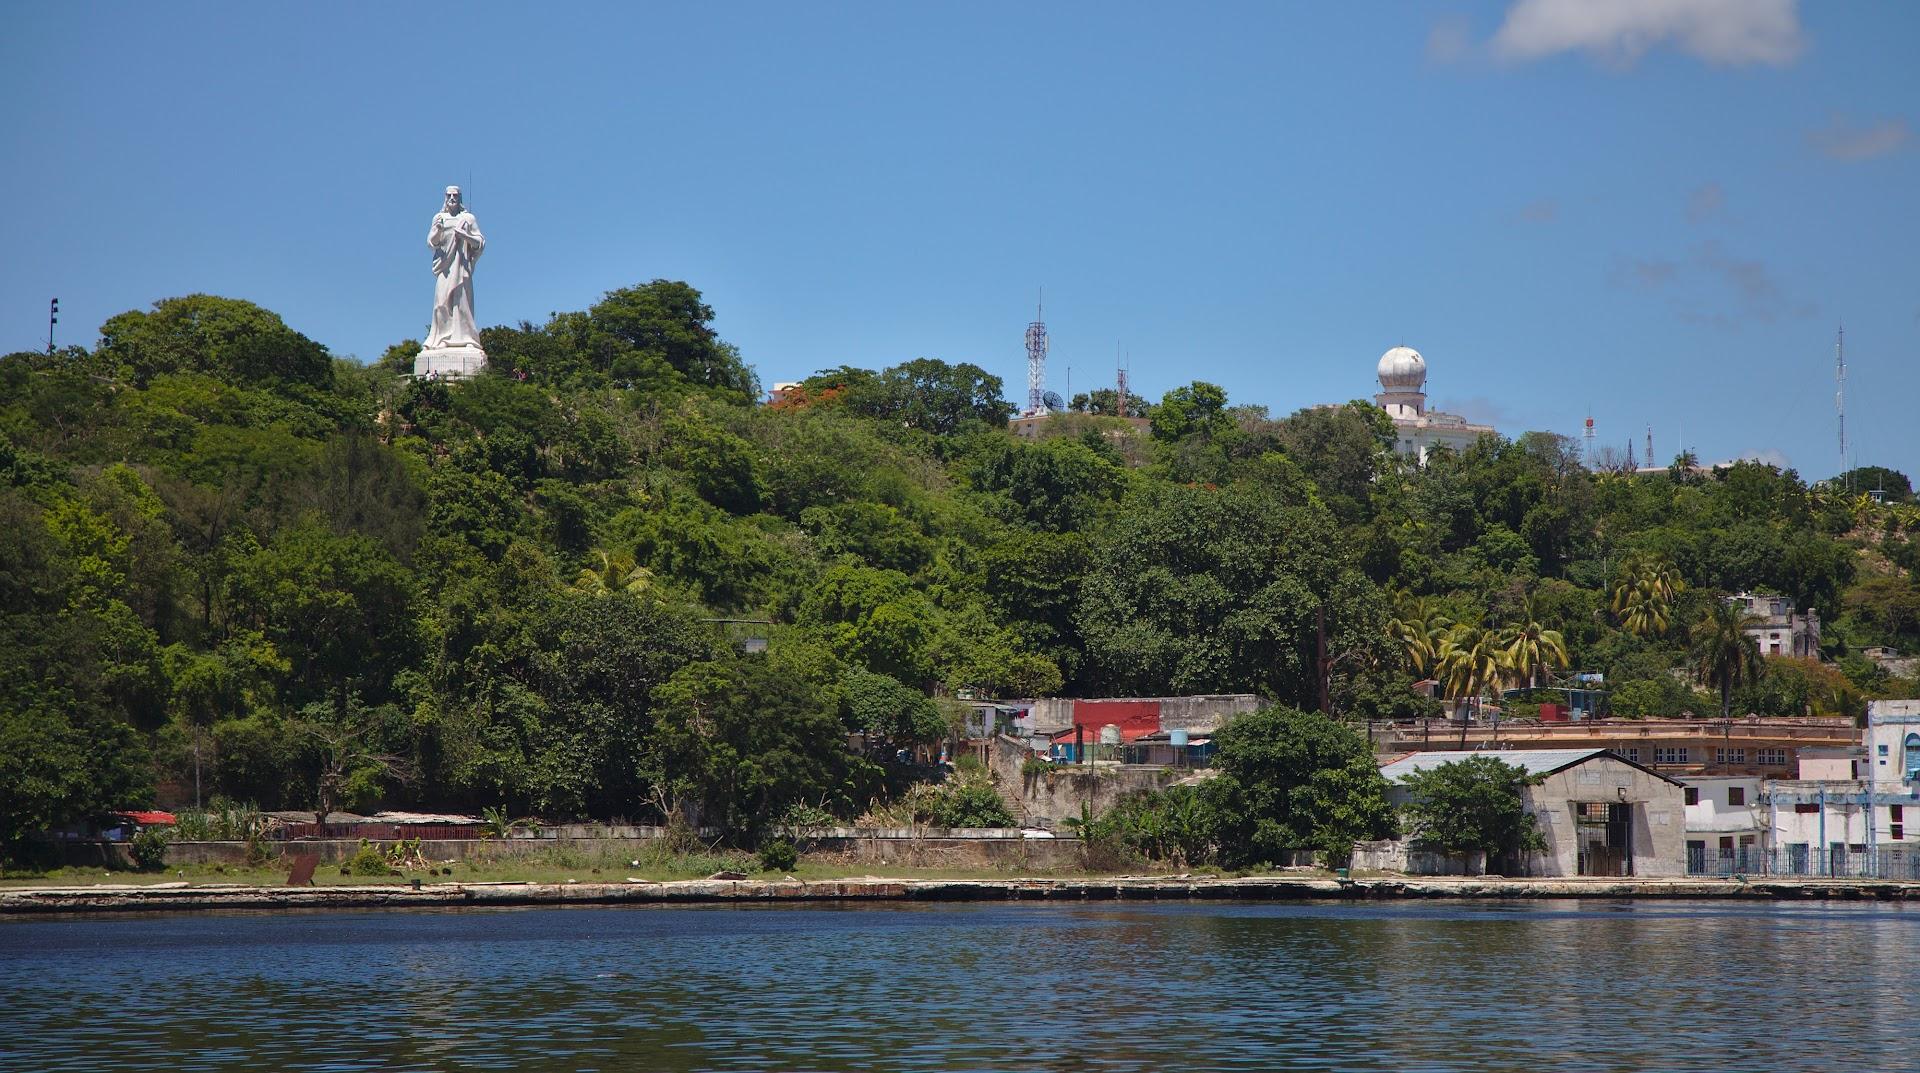 El Cristo, also in Havana